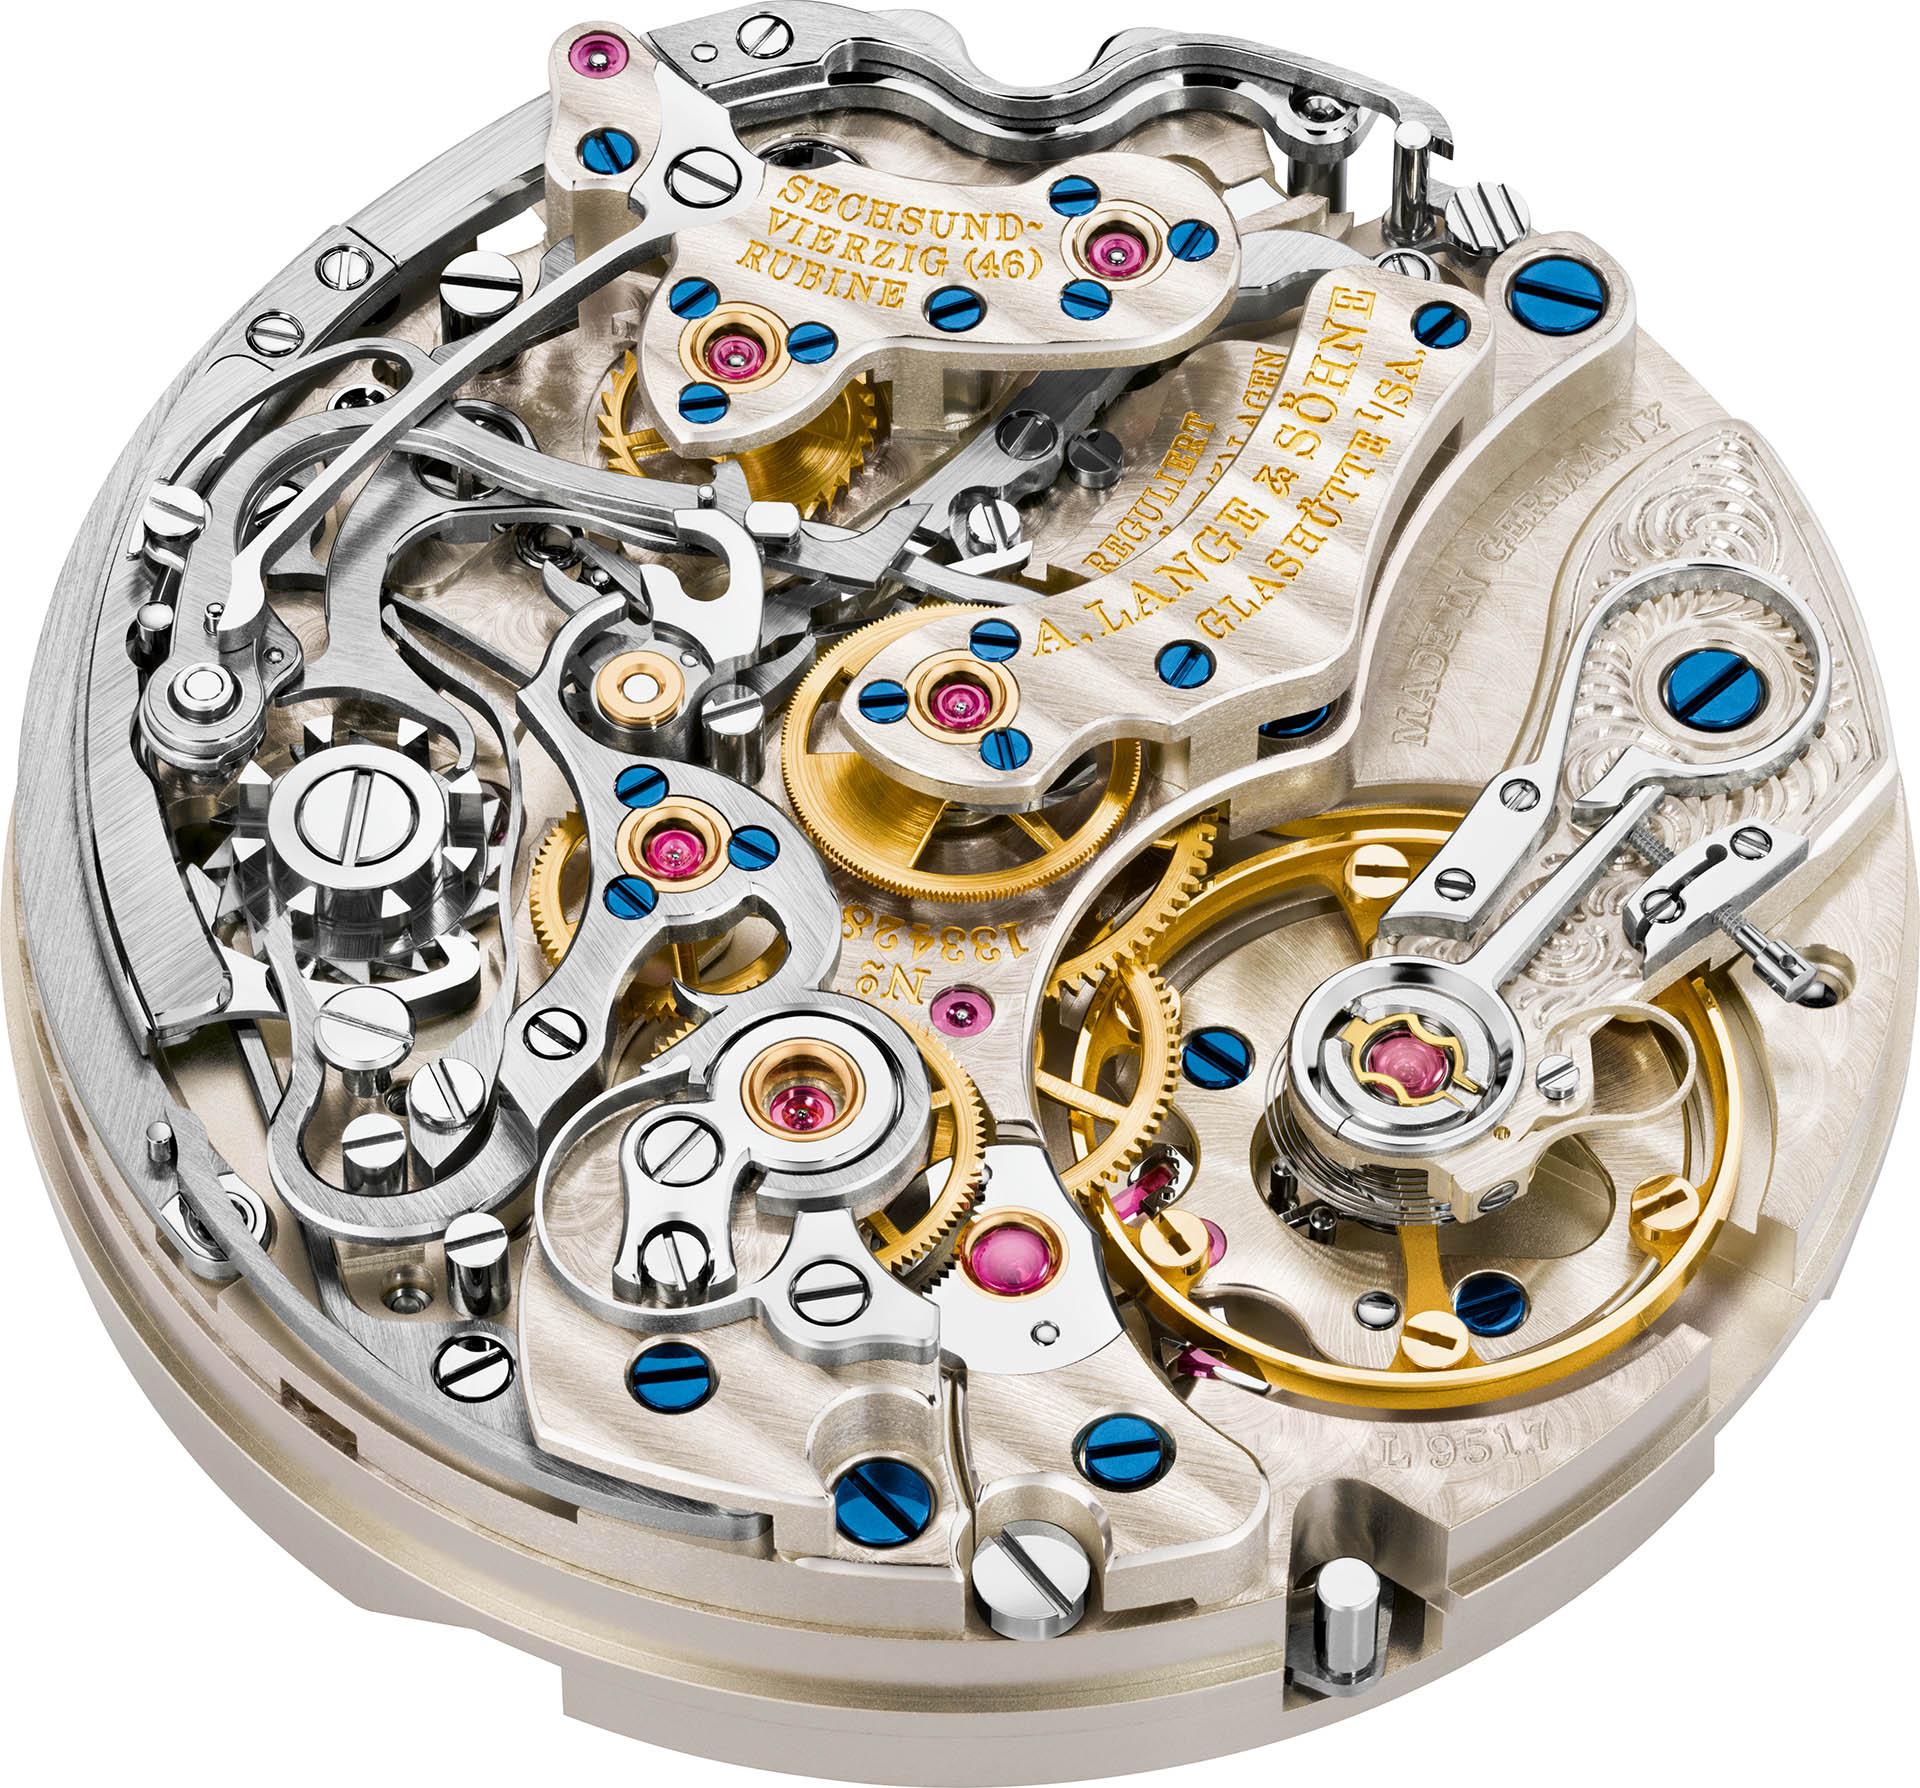 Das Lange-Handaufzugskaliber L951.7 ist ein Chronograph der Extraklasse.